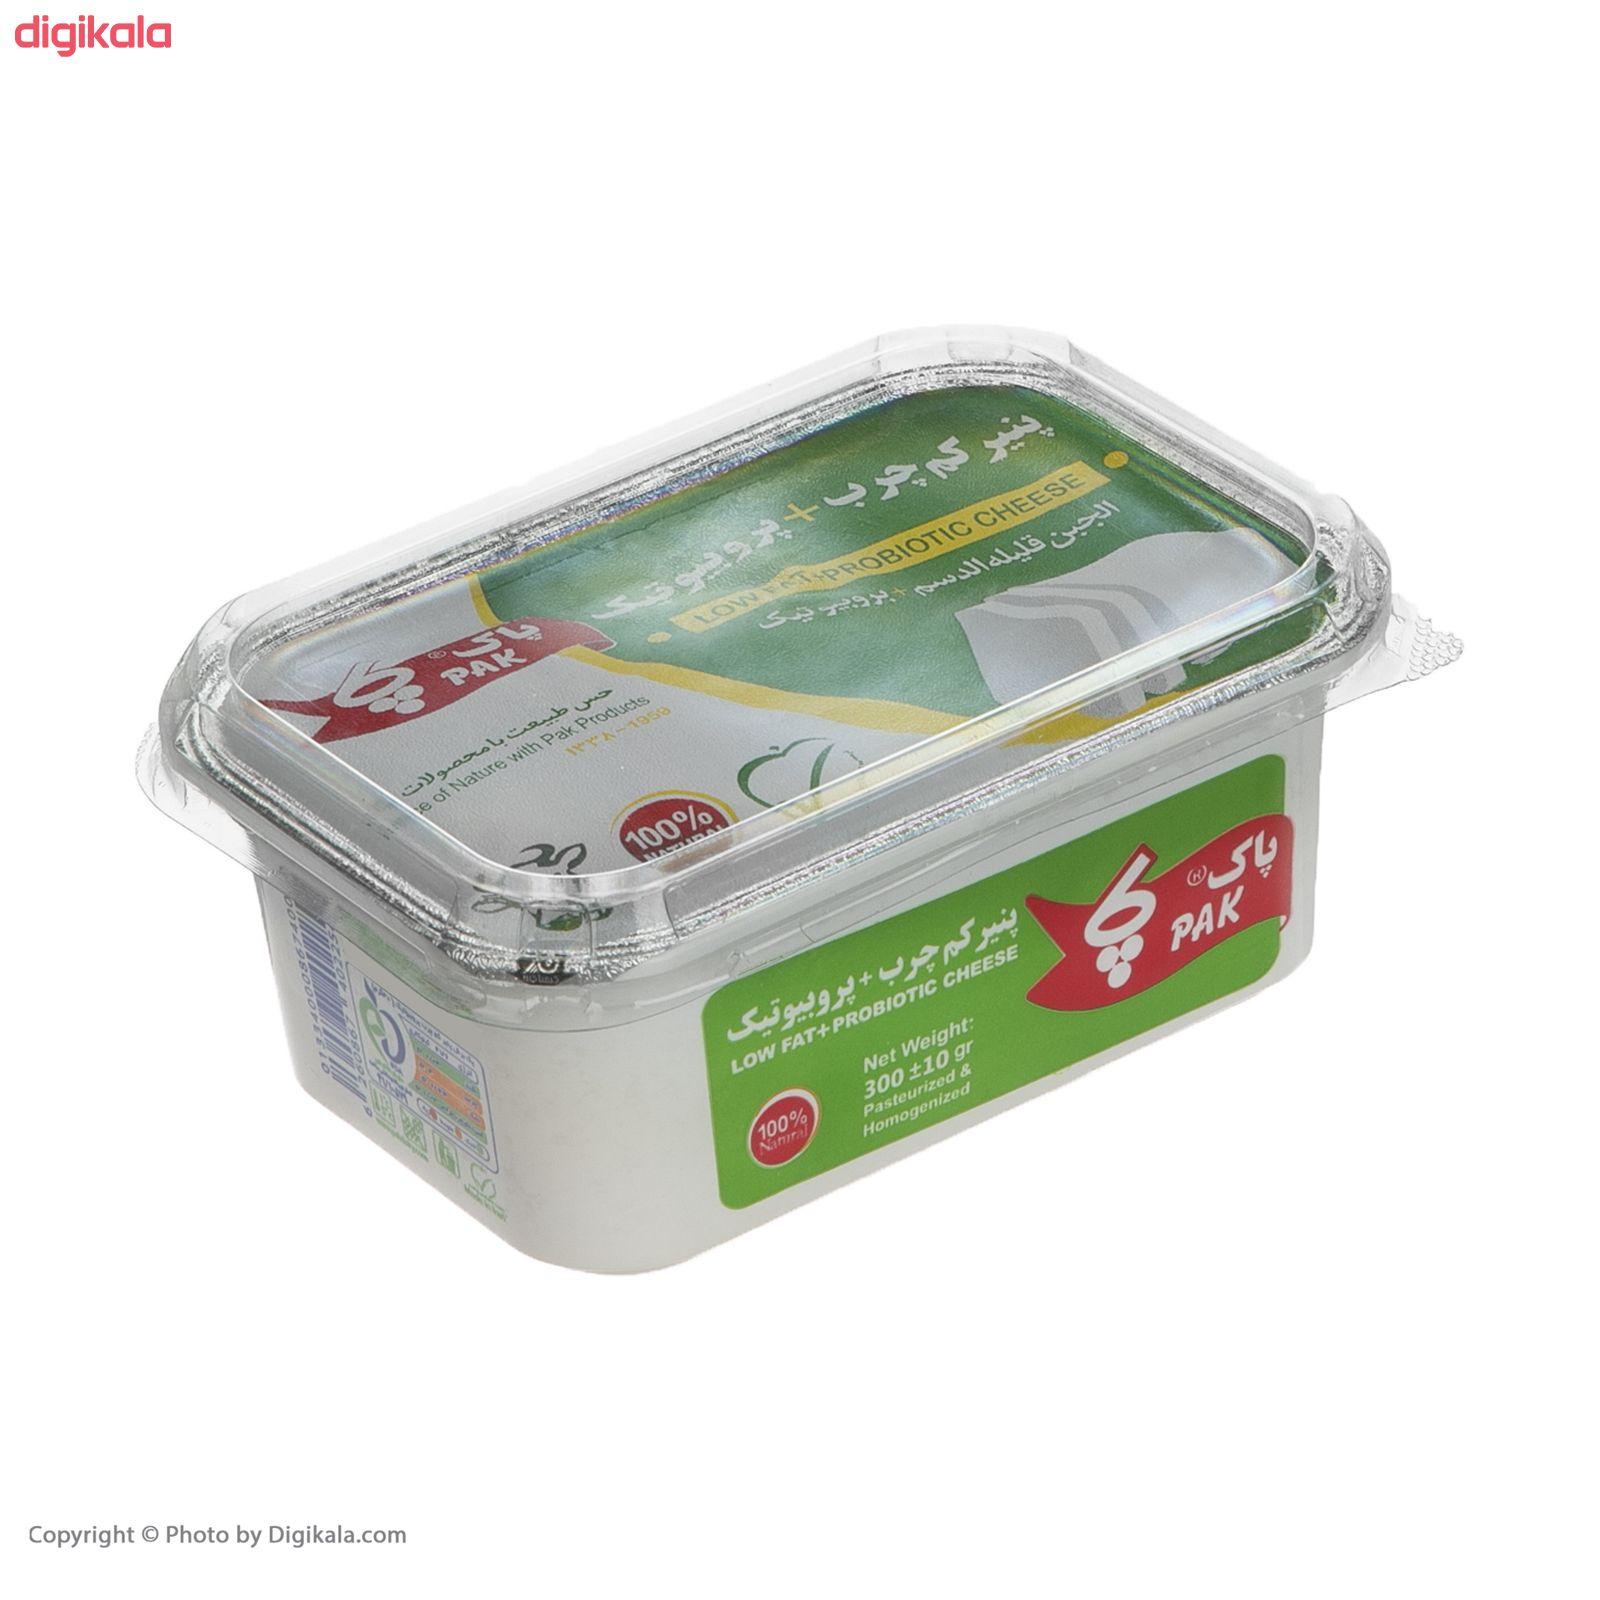 پنیر کم چرب پروبیوتیک پاک - 300 گرم  main 1 6